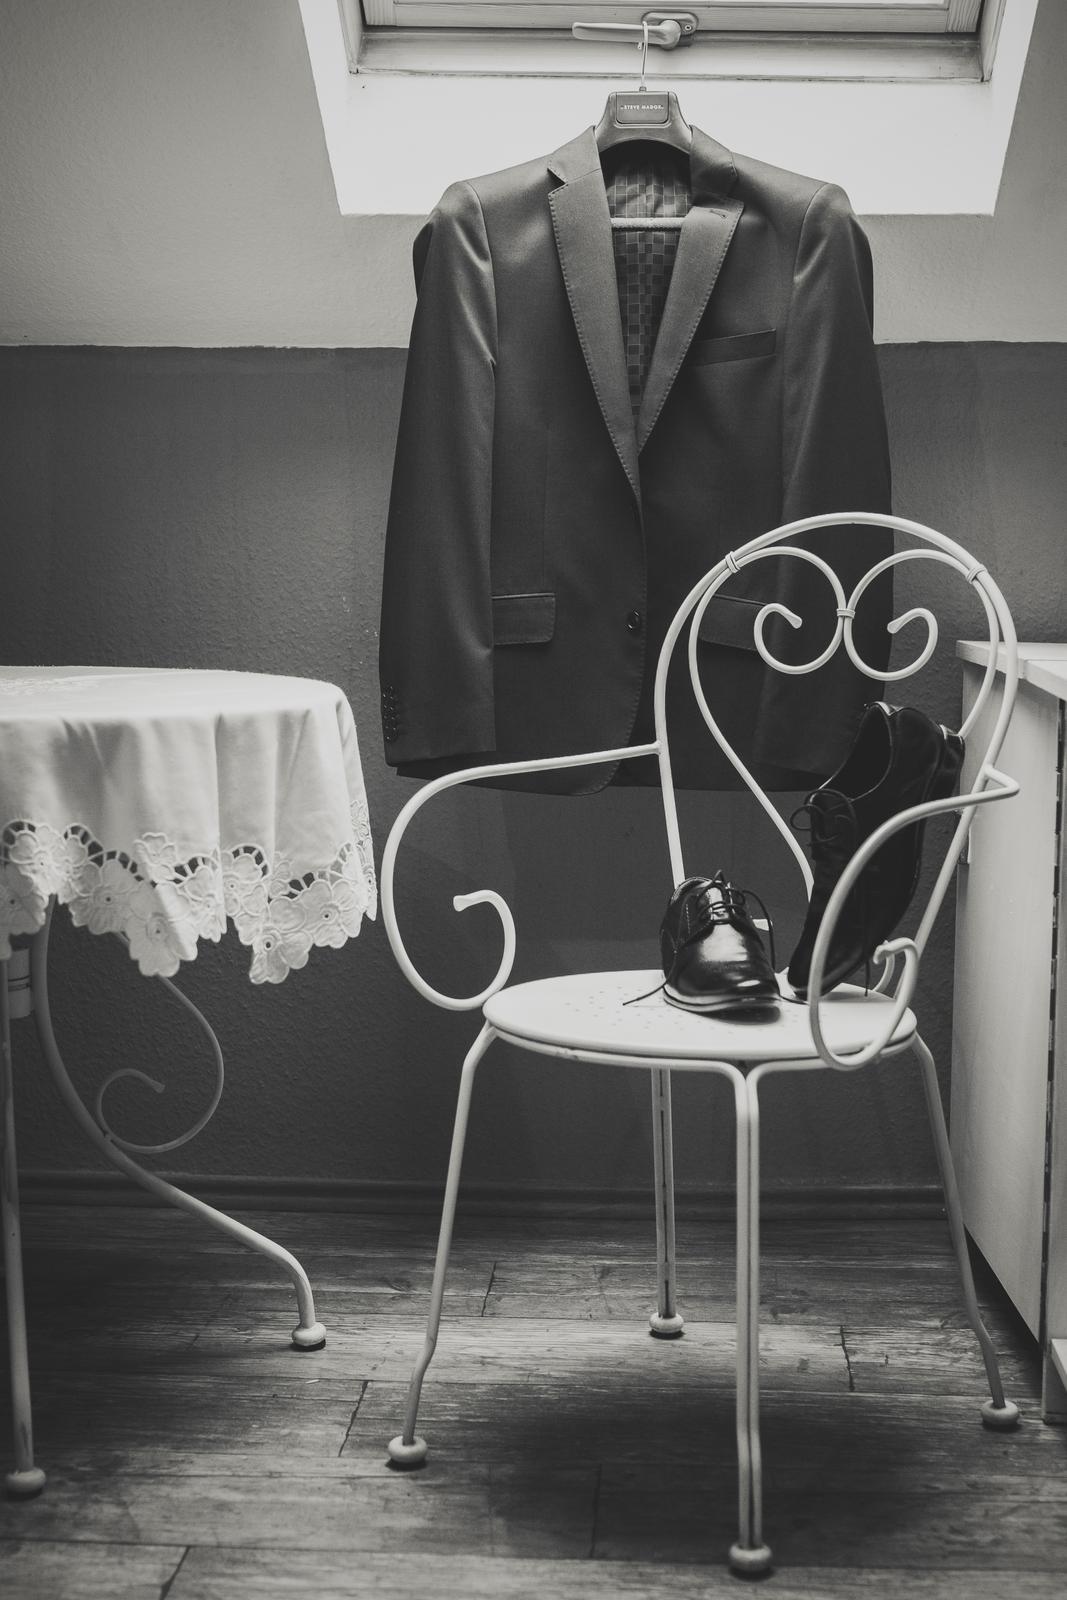 Hezký den, nabízím svatební... - Obrázek č. 4